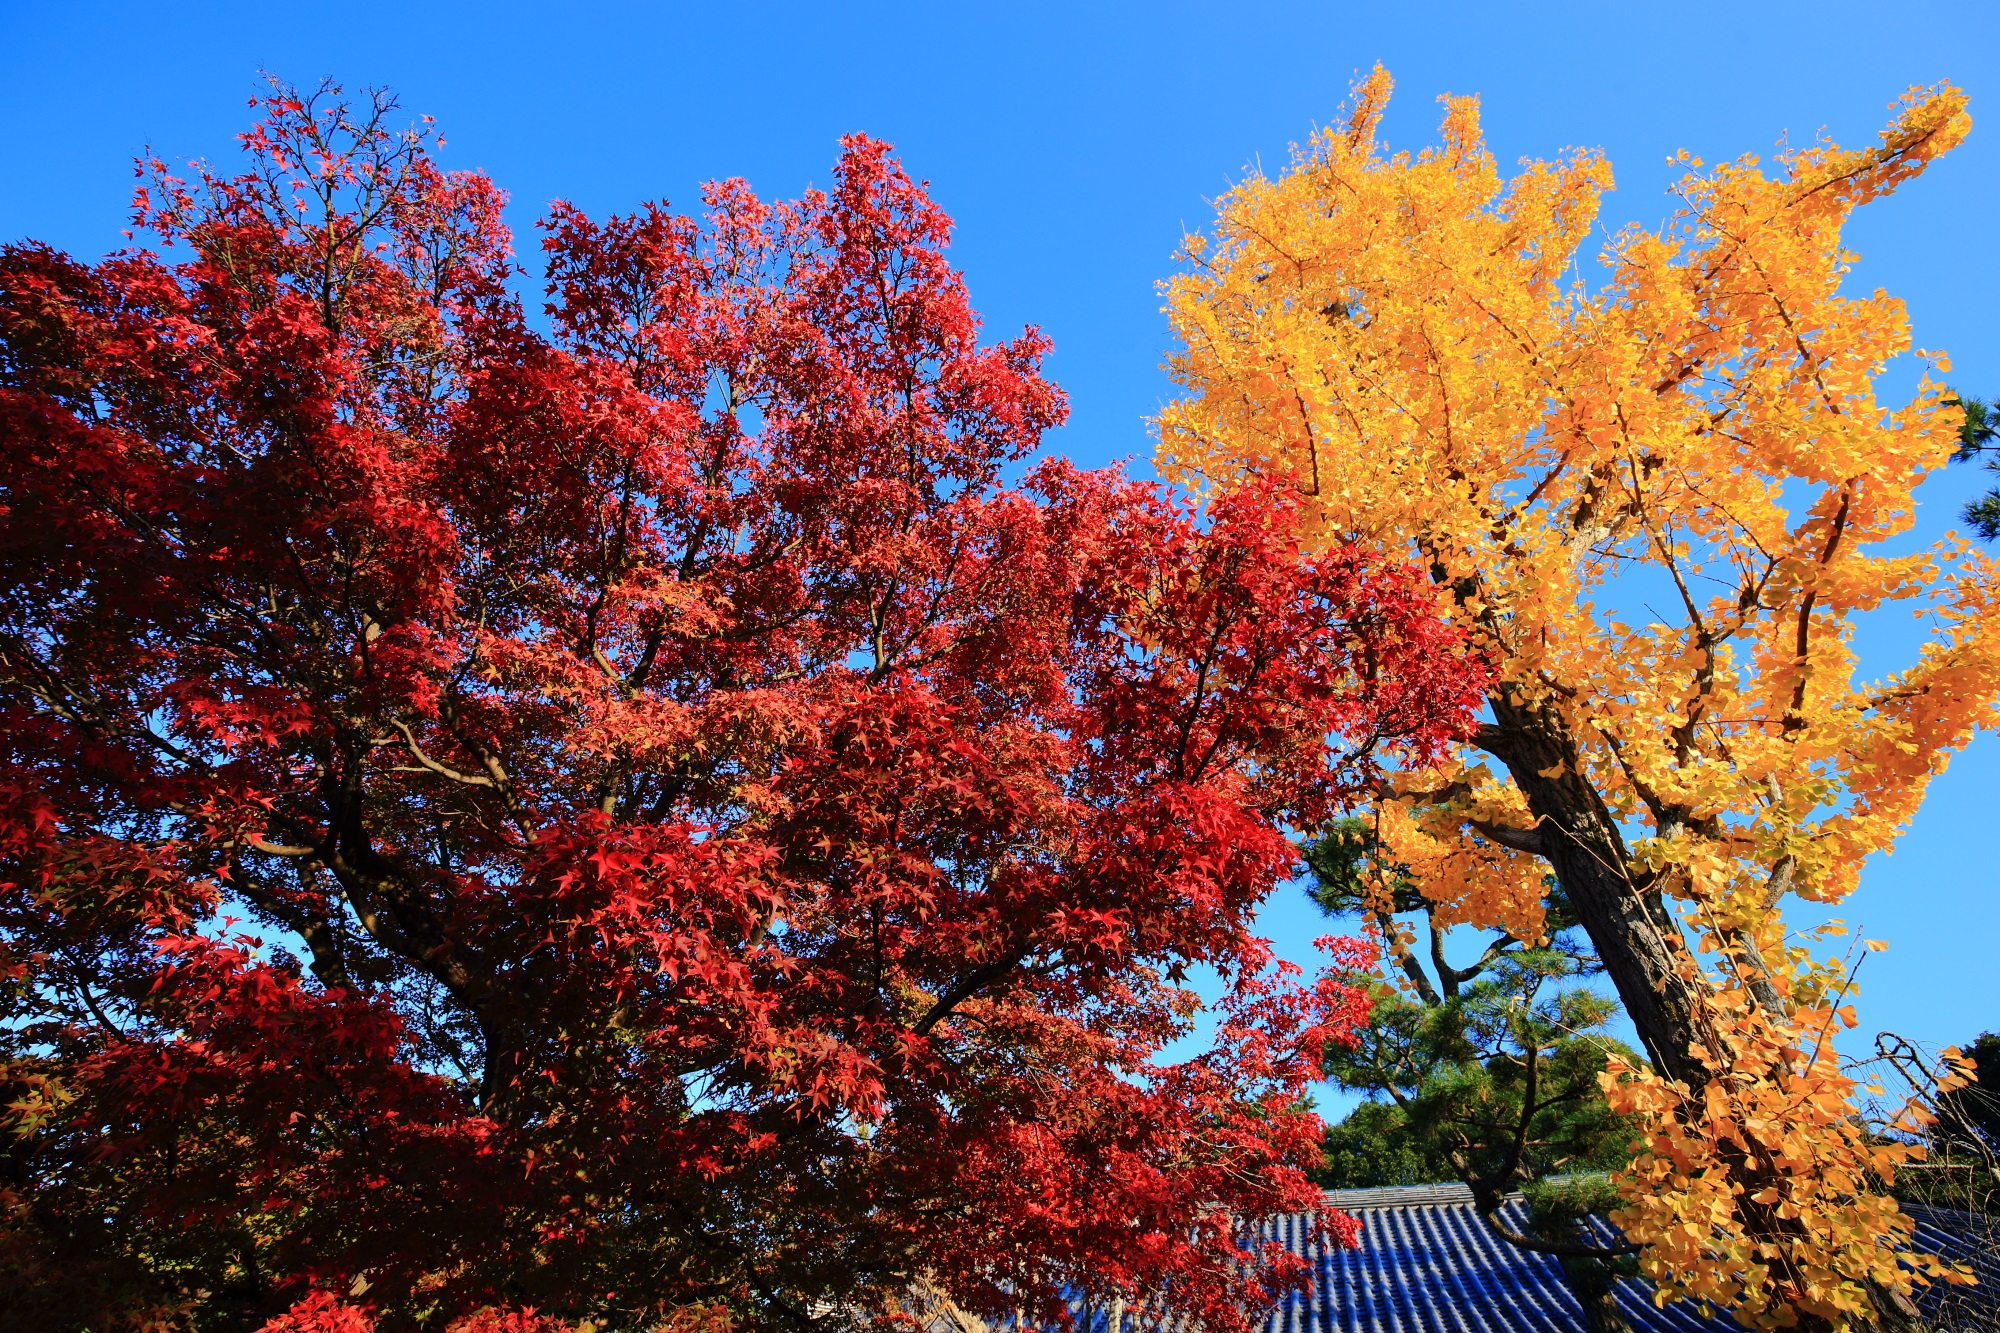 智積院の紅葉と太陽を浴びて黄色く輝く銀杏